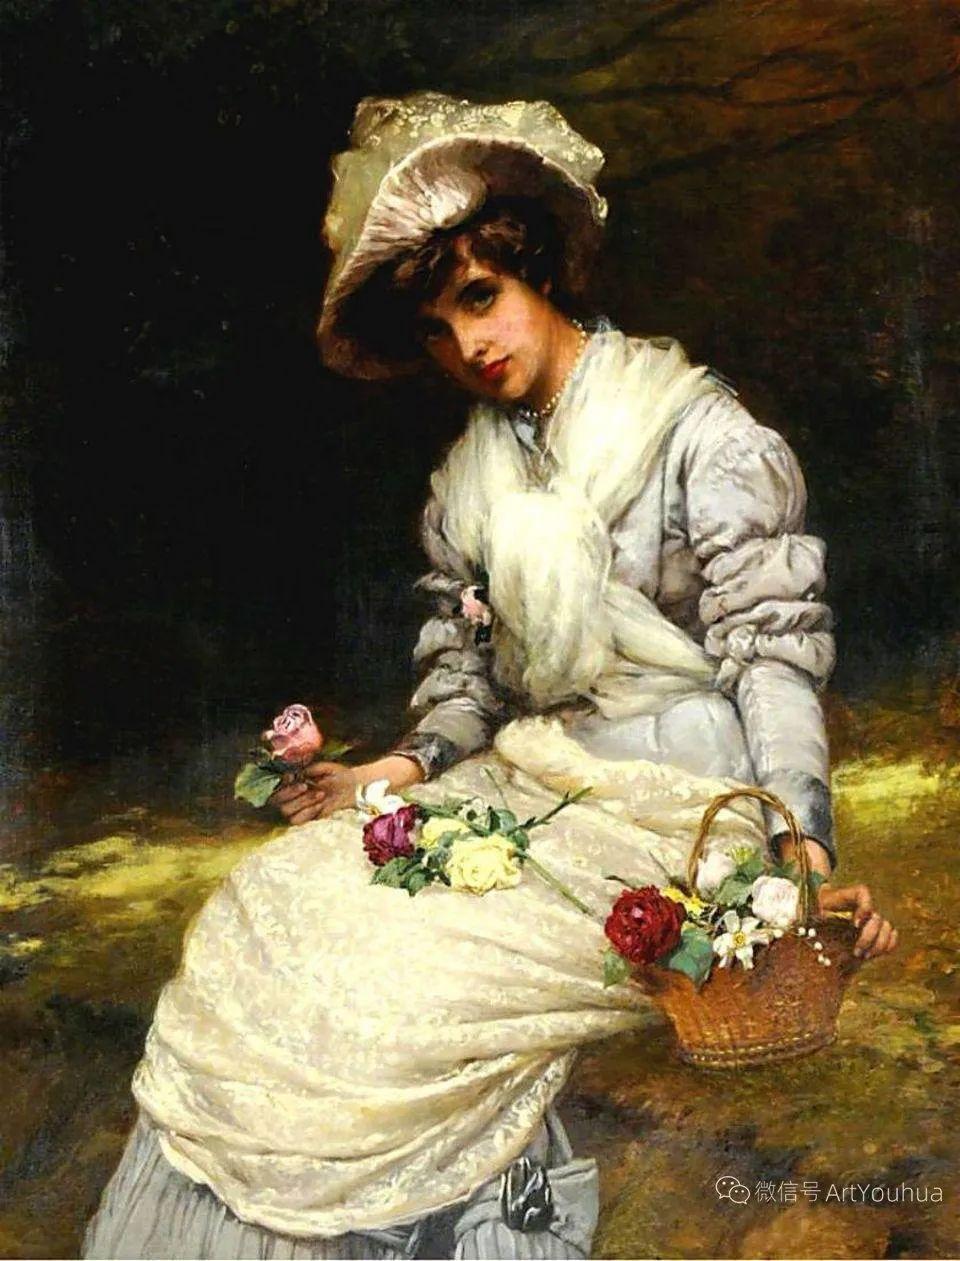 纯情与美丽,英国画家威廉·奥利弗作品选插图53